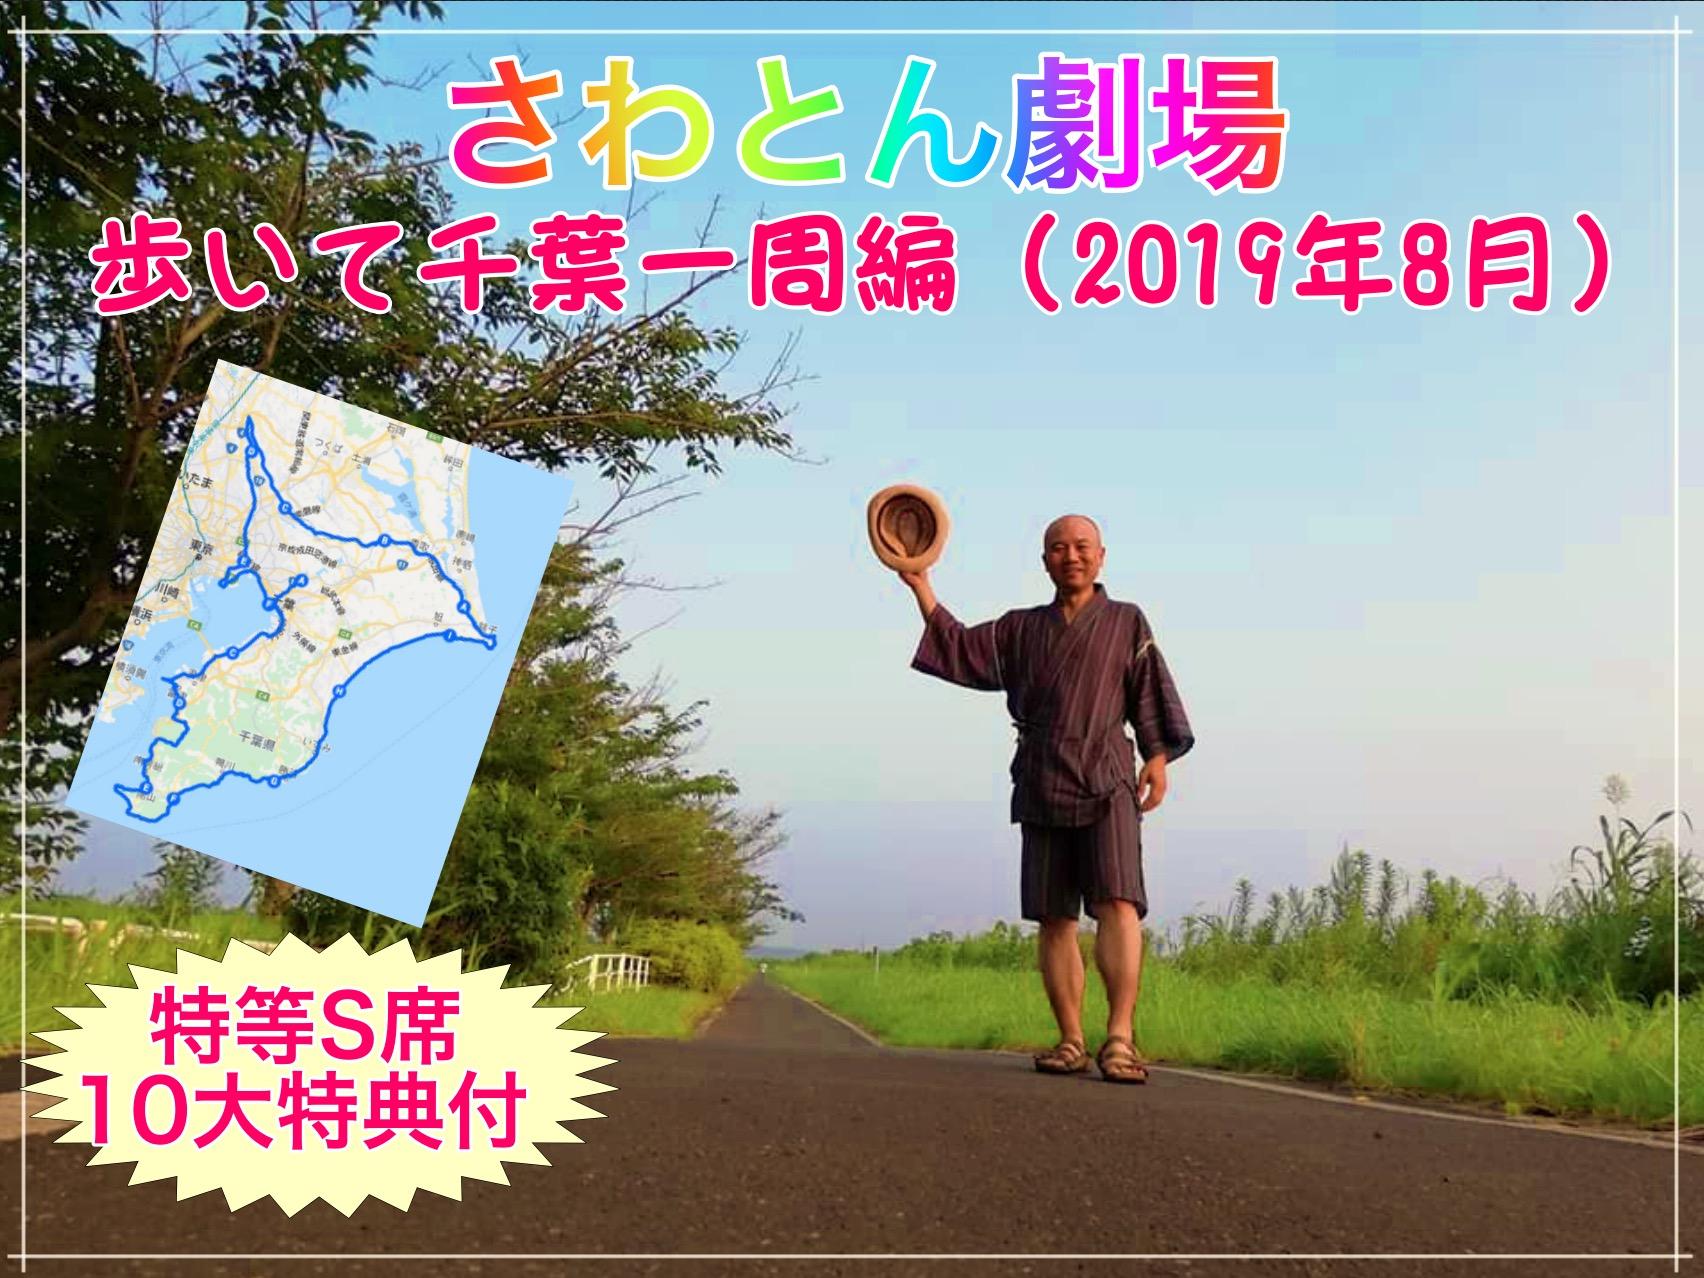 歩く 人 ドラマ